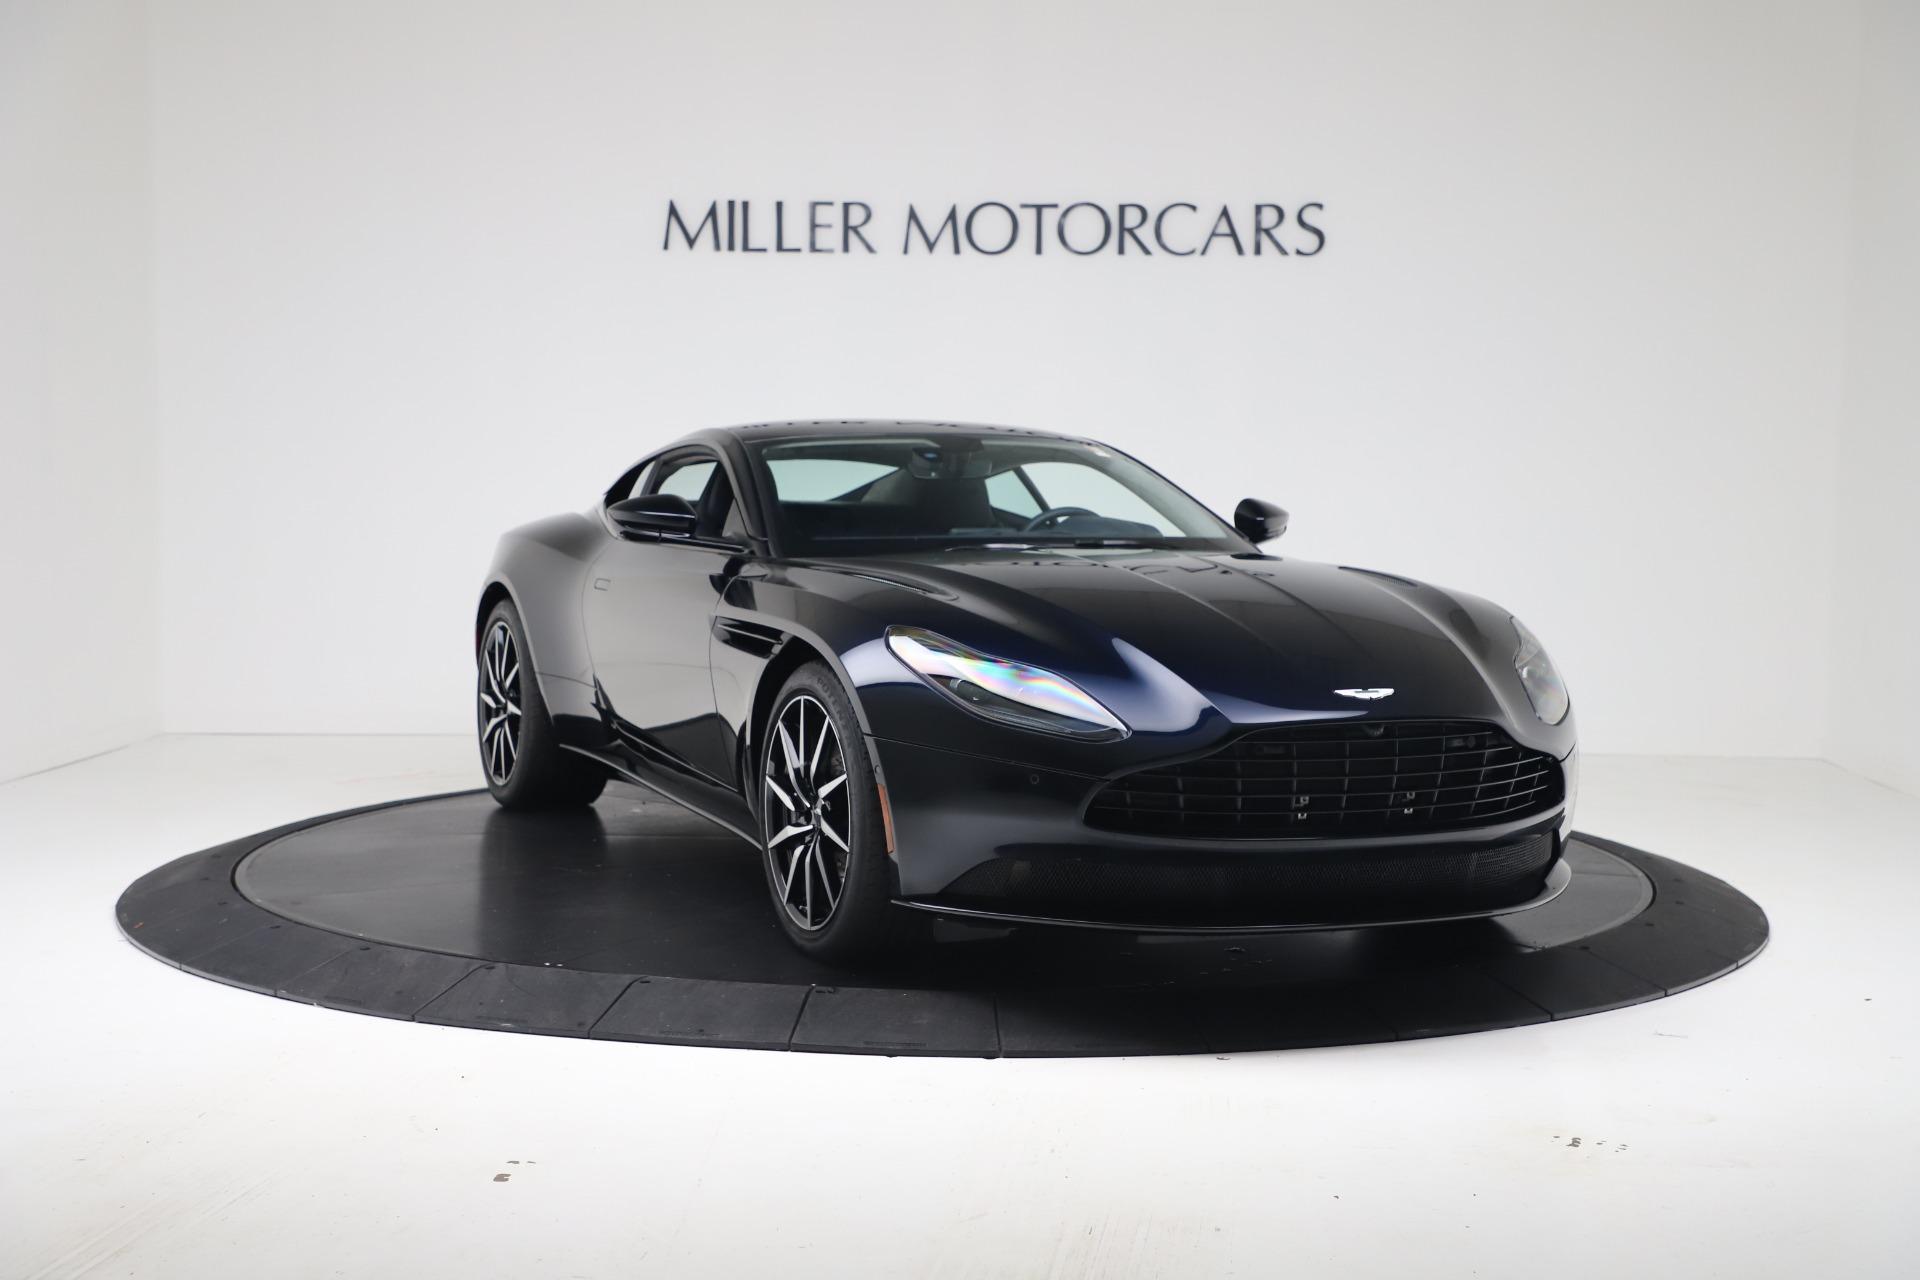 New 2020 Aston Martin Db11 V8 For Sale Miller Motorcars Stock A1423